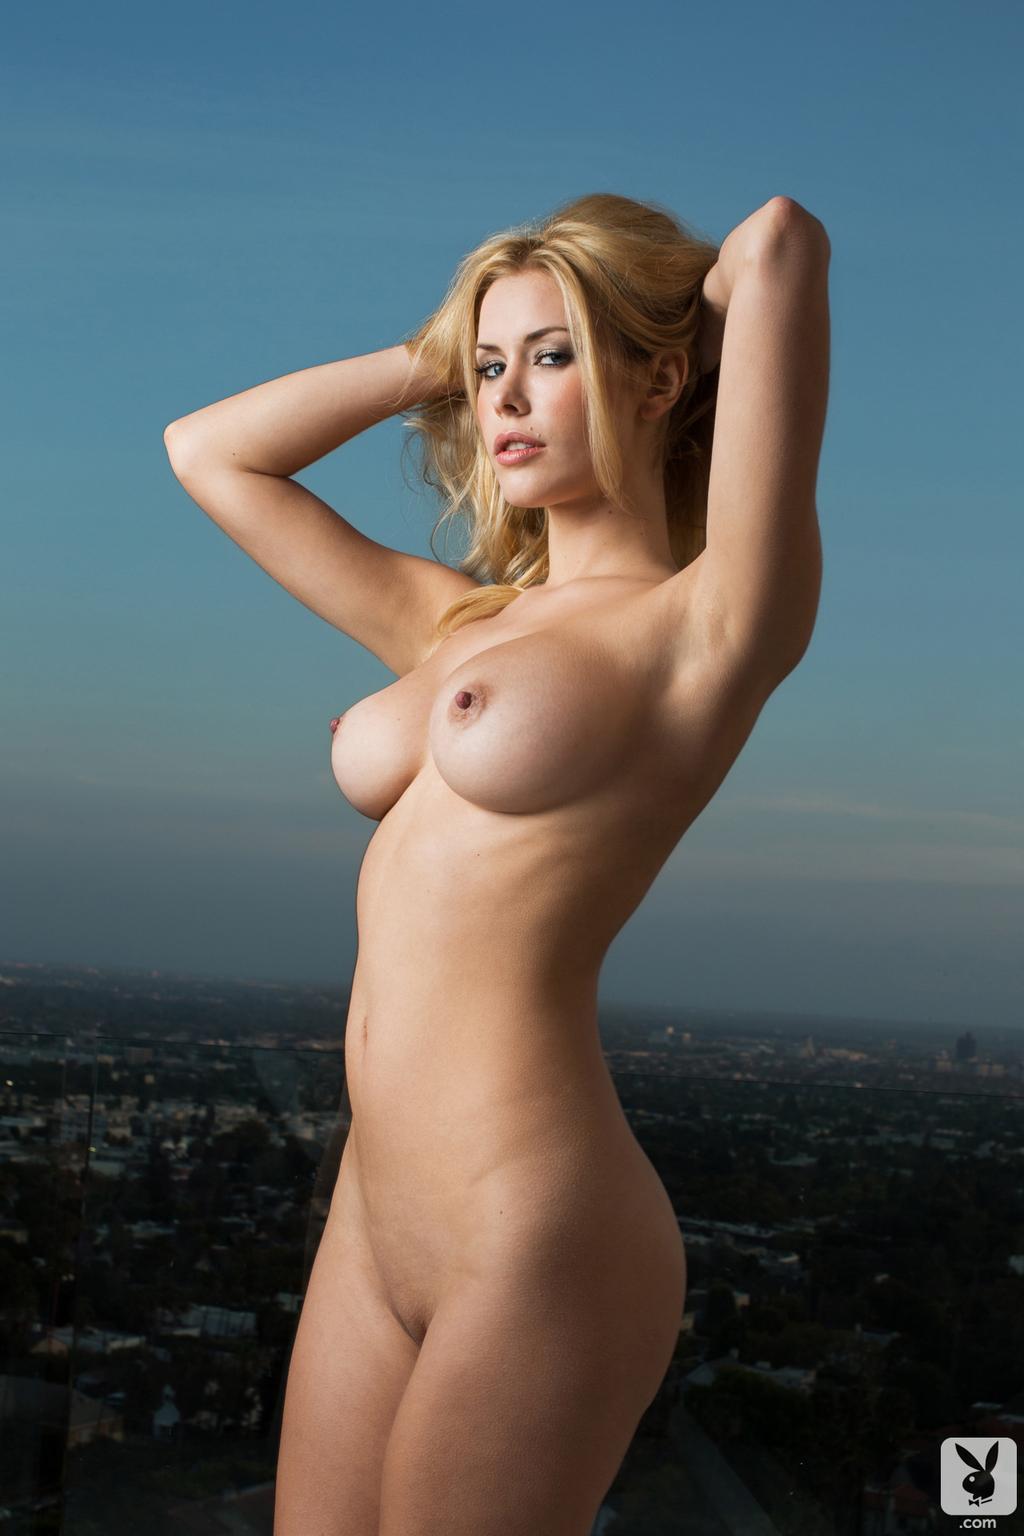 Красивые девушки фото почти голые